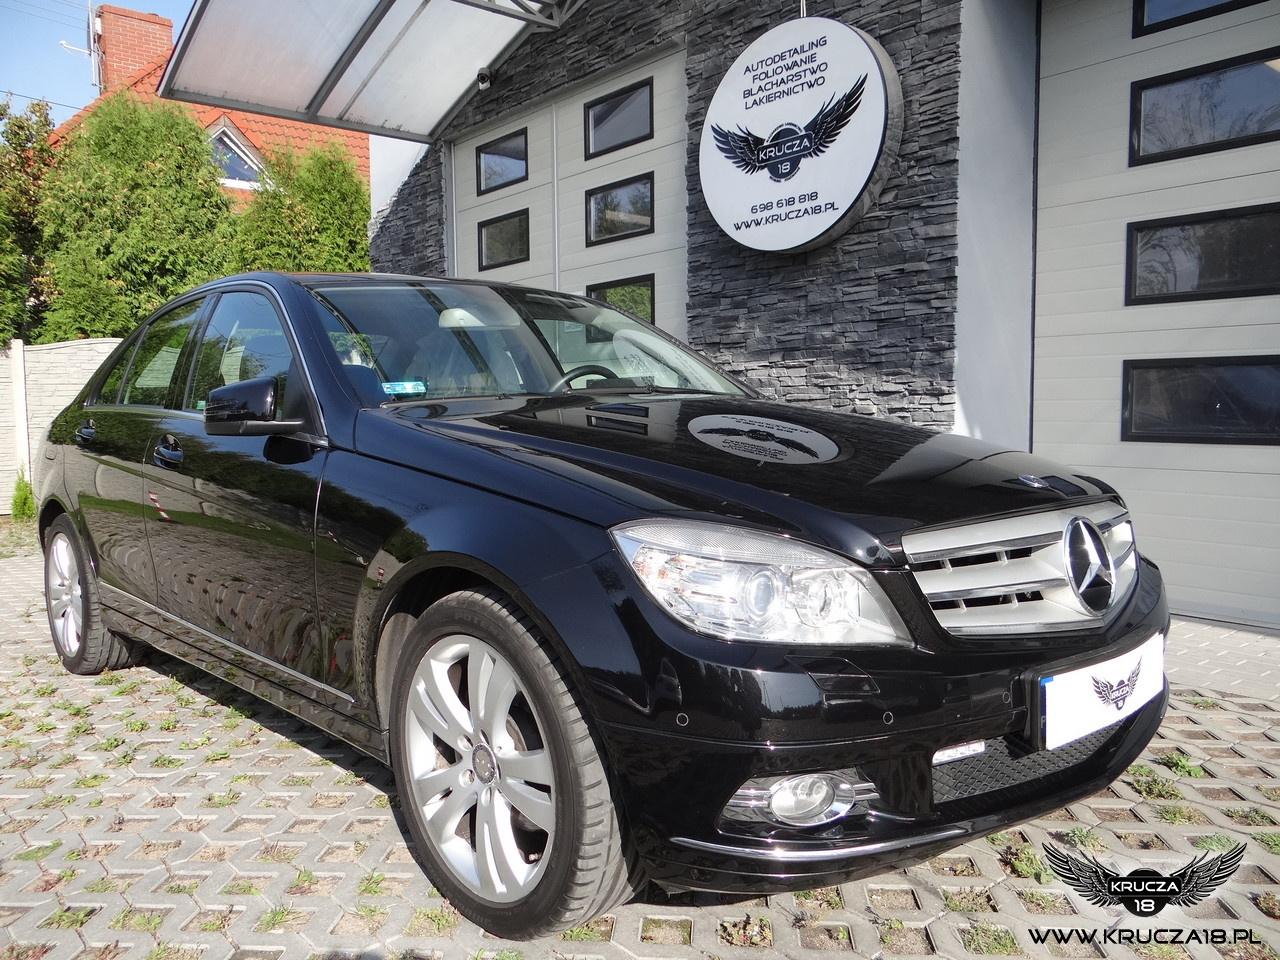 Mercedes - korekta i zabezpieczenie lakieru powłoką NANOSHINE CERAMIC PRO LIGHT